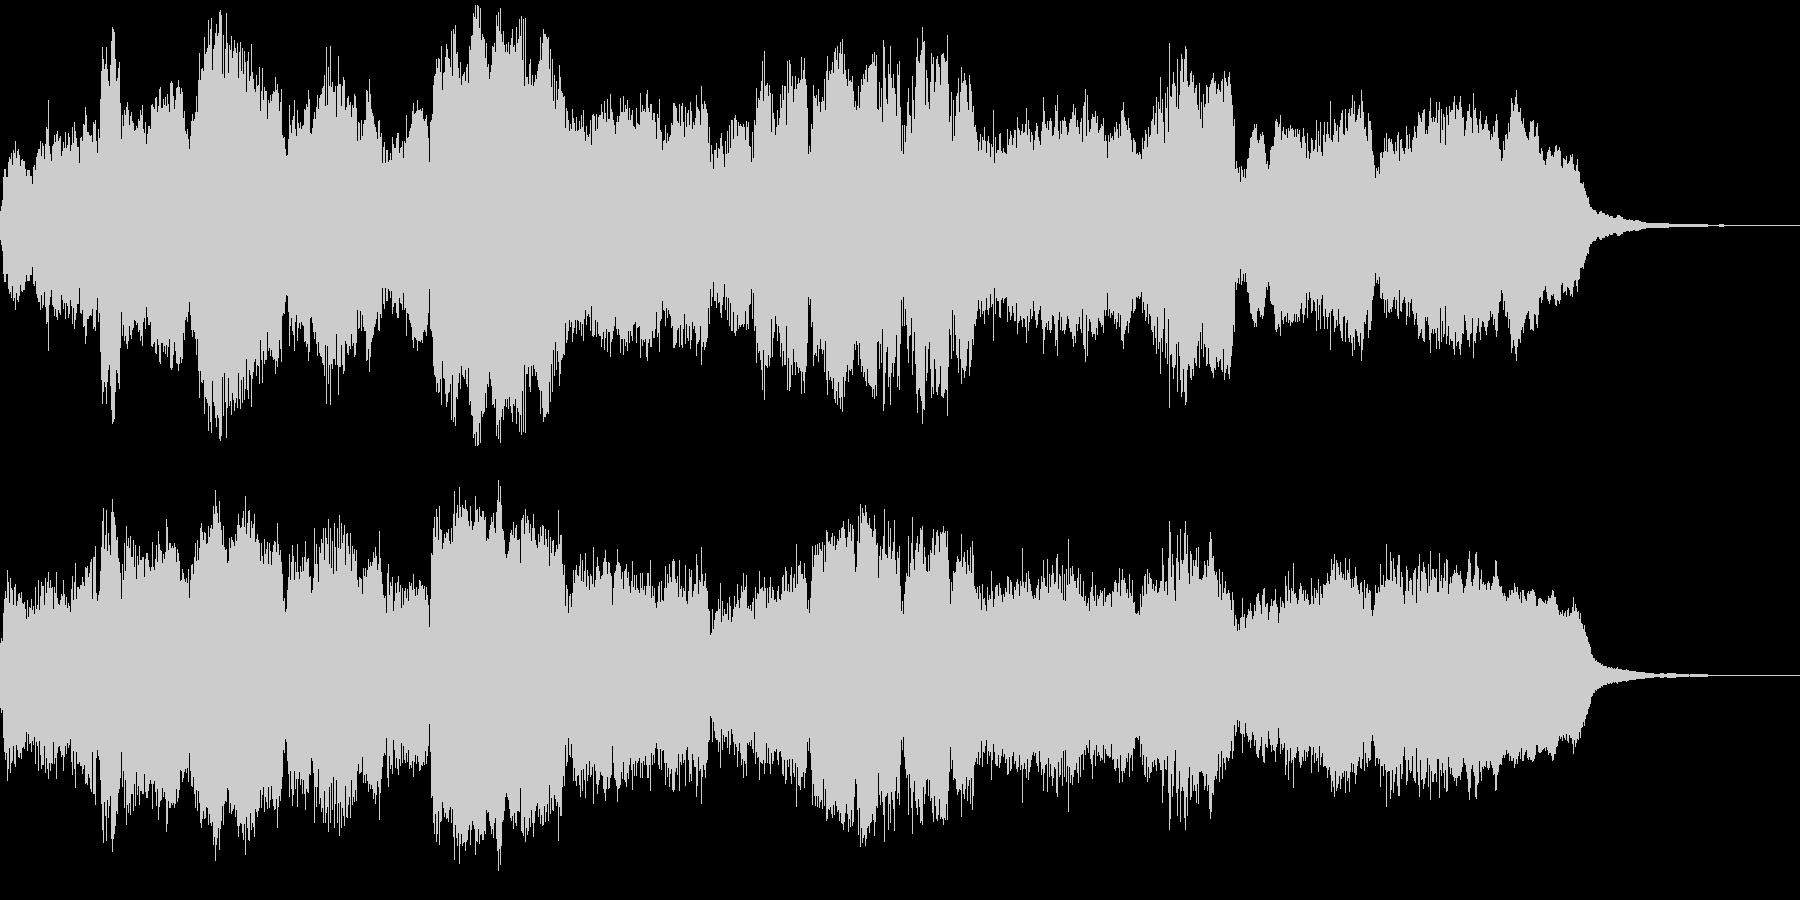 管弦楽による上品なジングルの未再生の波形